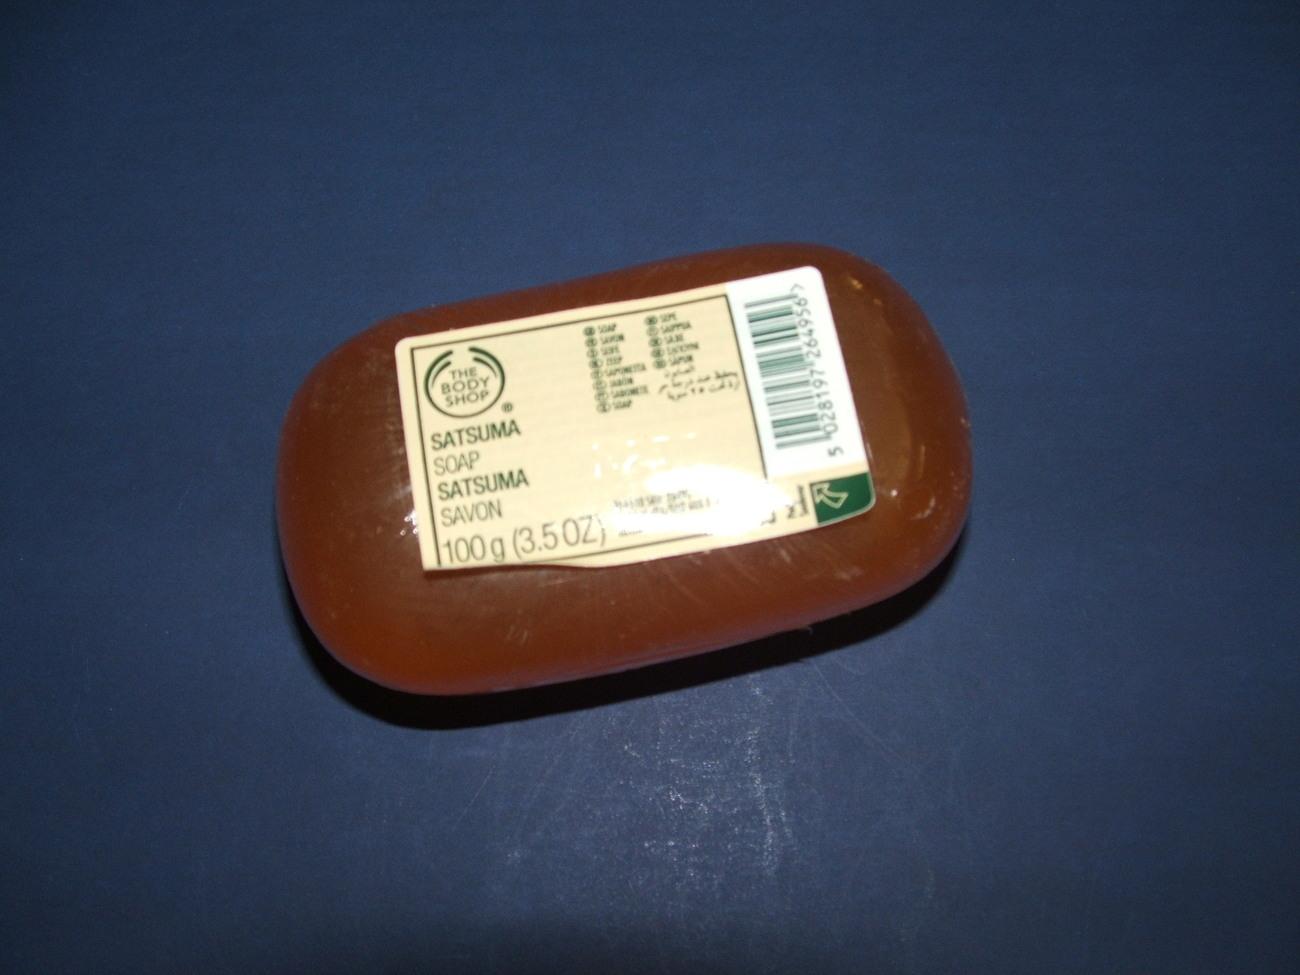 The Body Shop Satsuma Bar Soap  NIP Bonanza